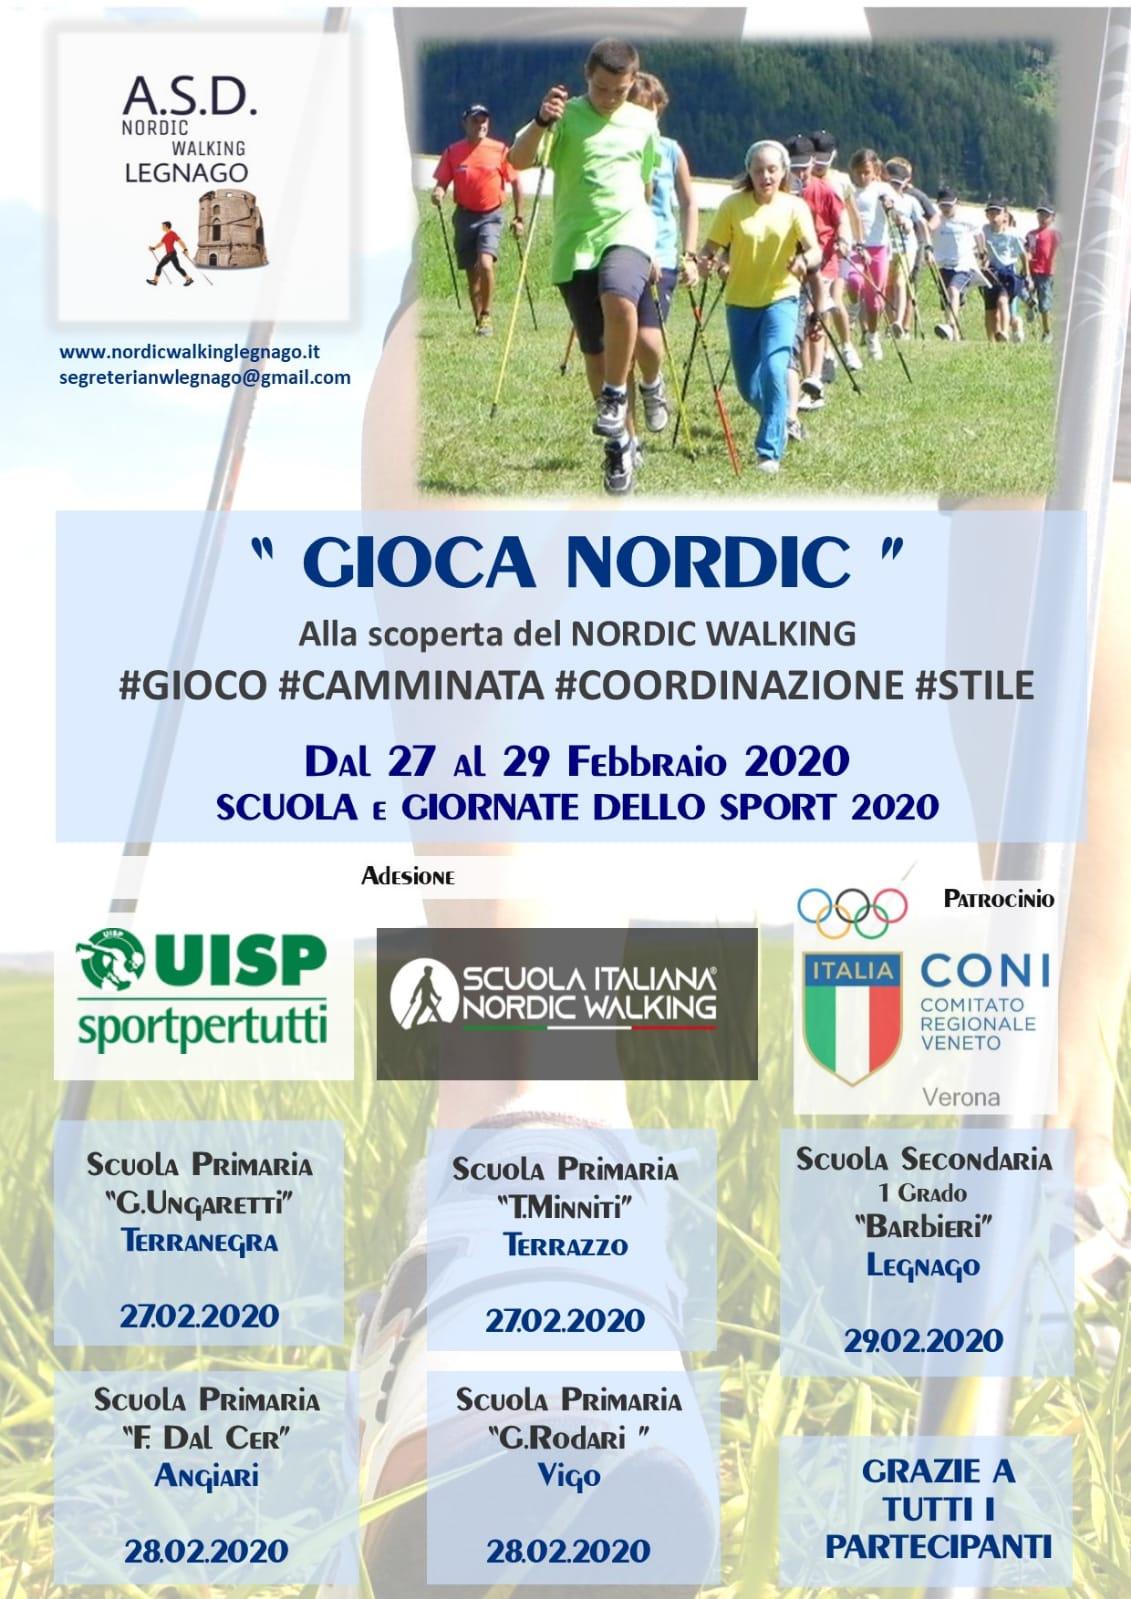 Dal 27 al 29 febbraio il Nordic Walking SINW entra nelle scuole del veronese, grazie all'A.S.D. Nordic Walking Legnago